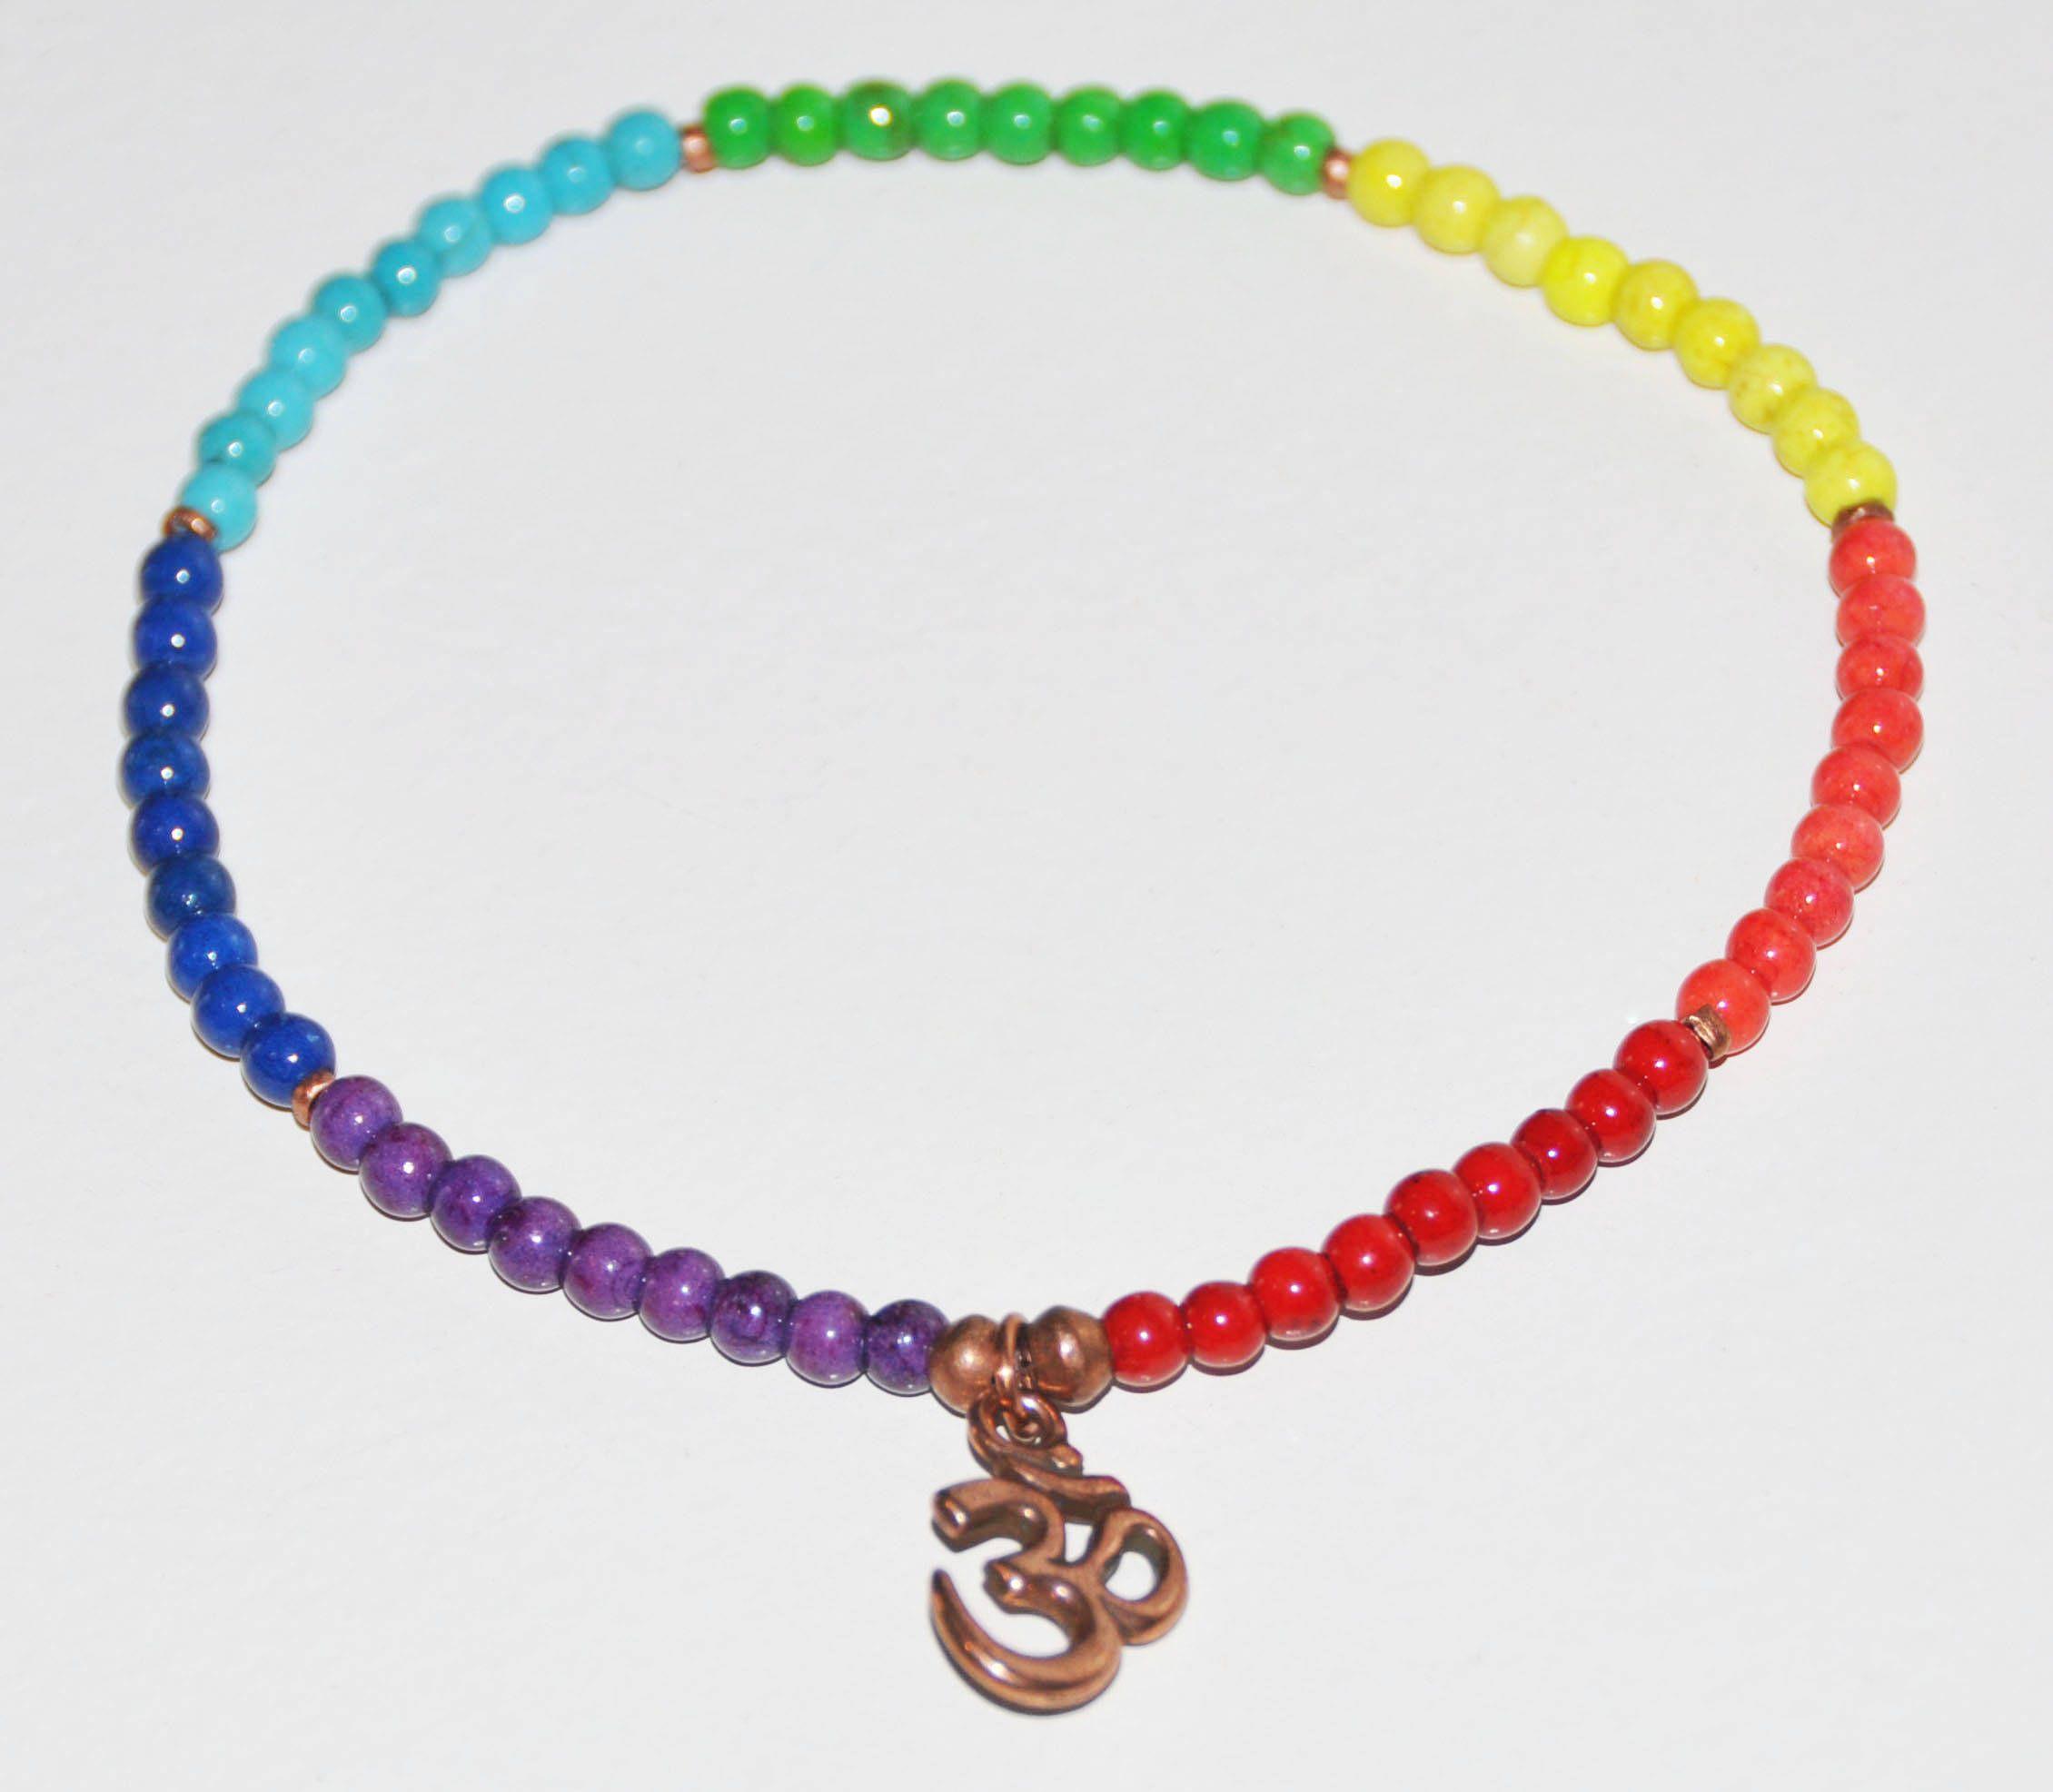 Chakra Anklet Howlite Stretch Ankle Bracelet Gemstone Healing Copper Meditation Calming